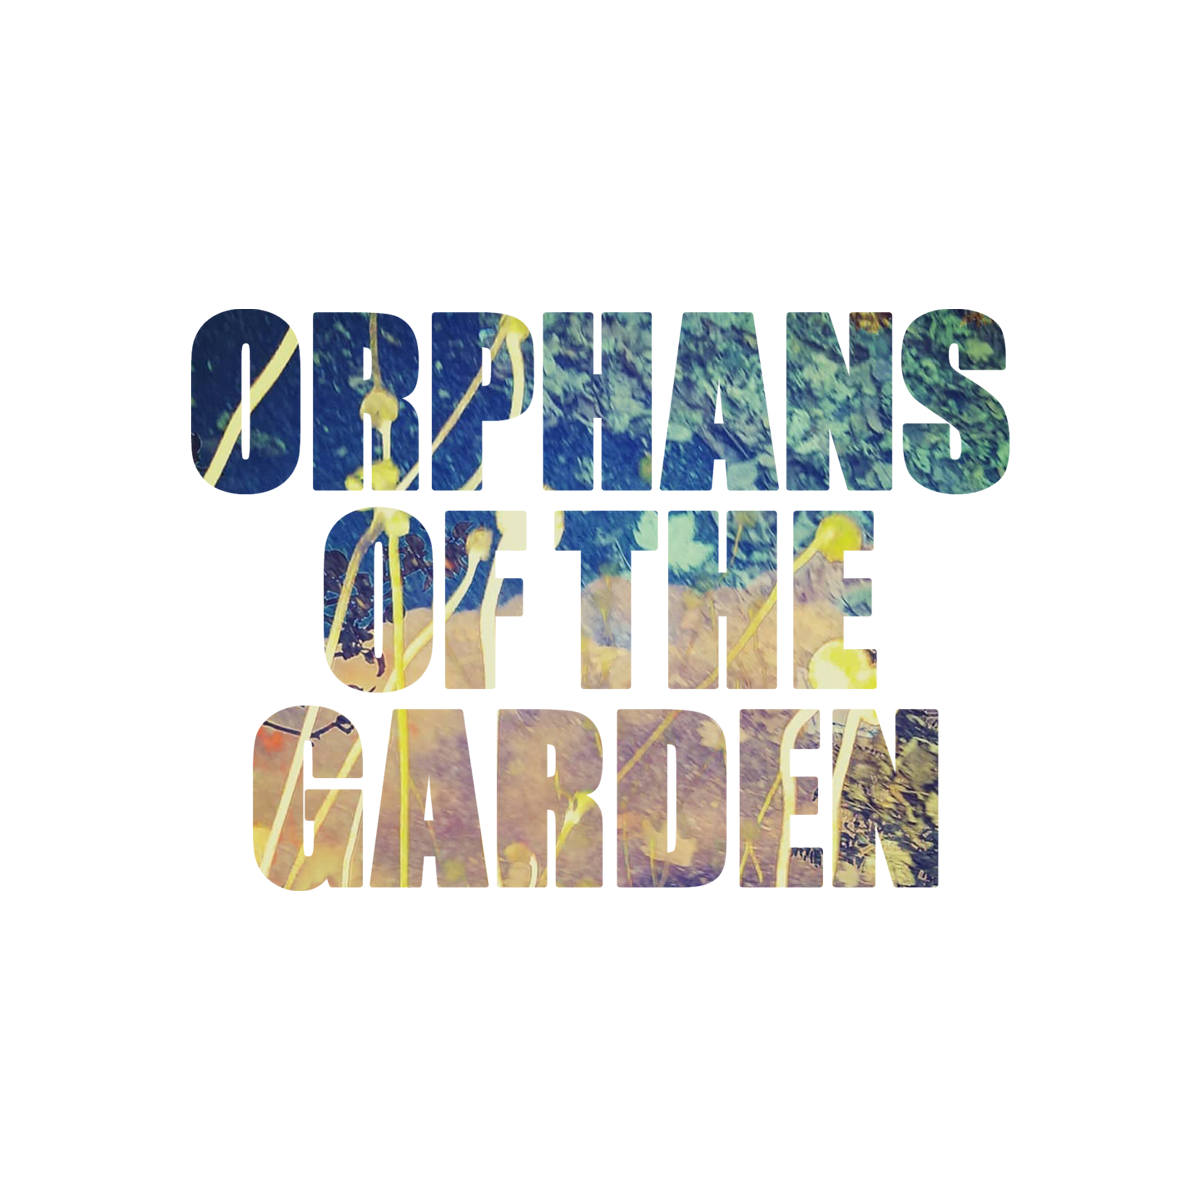 Orphans of the garden